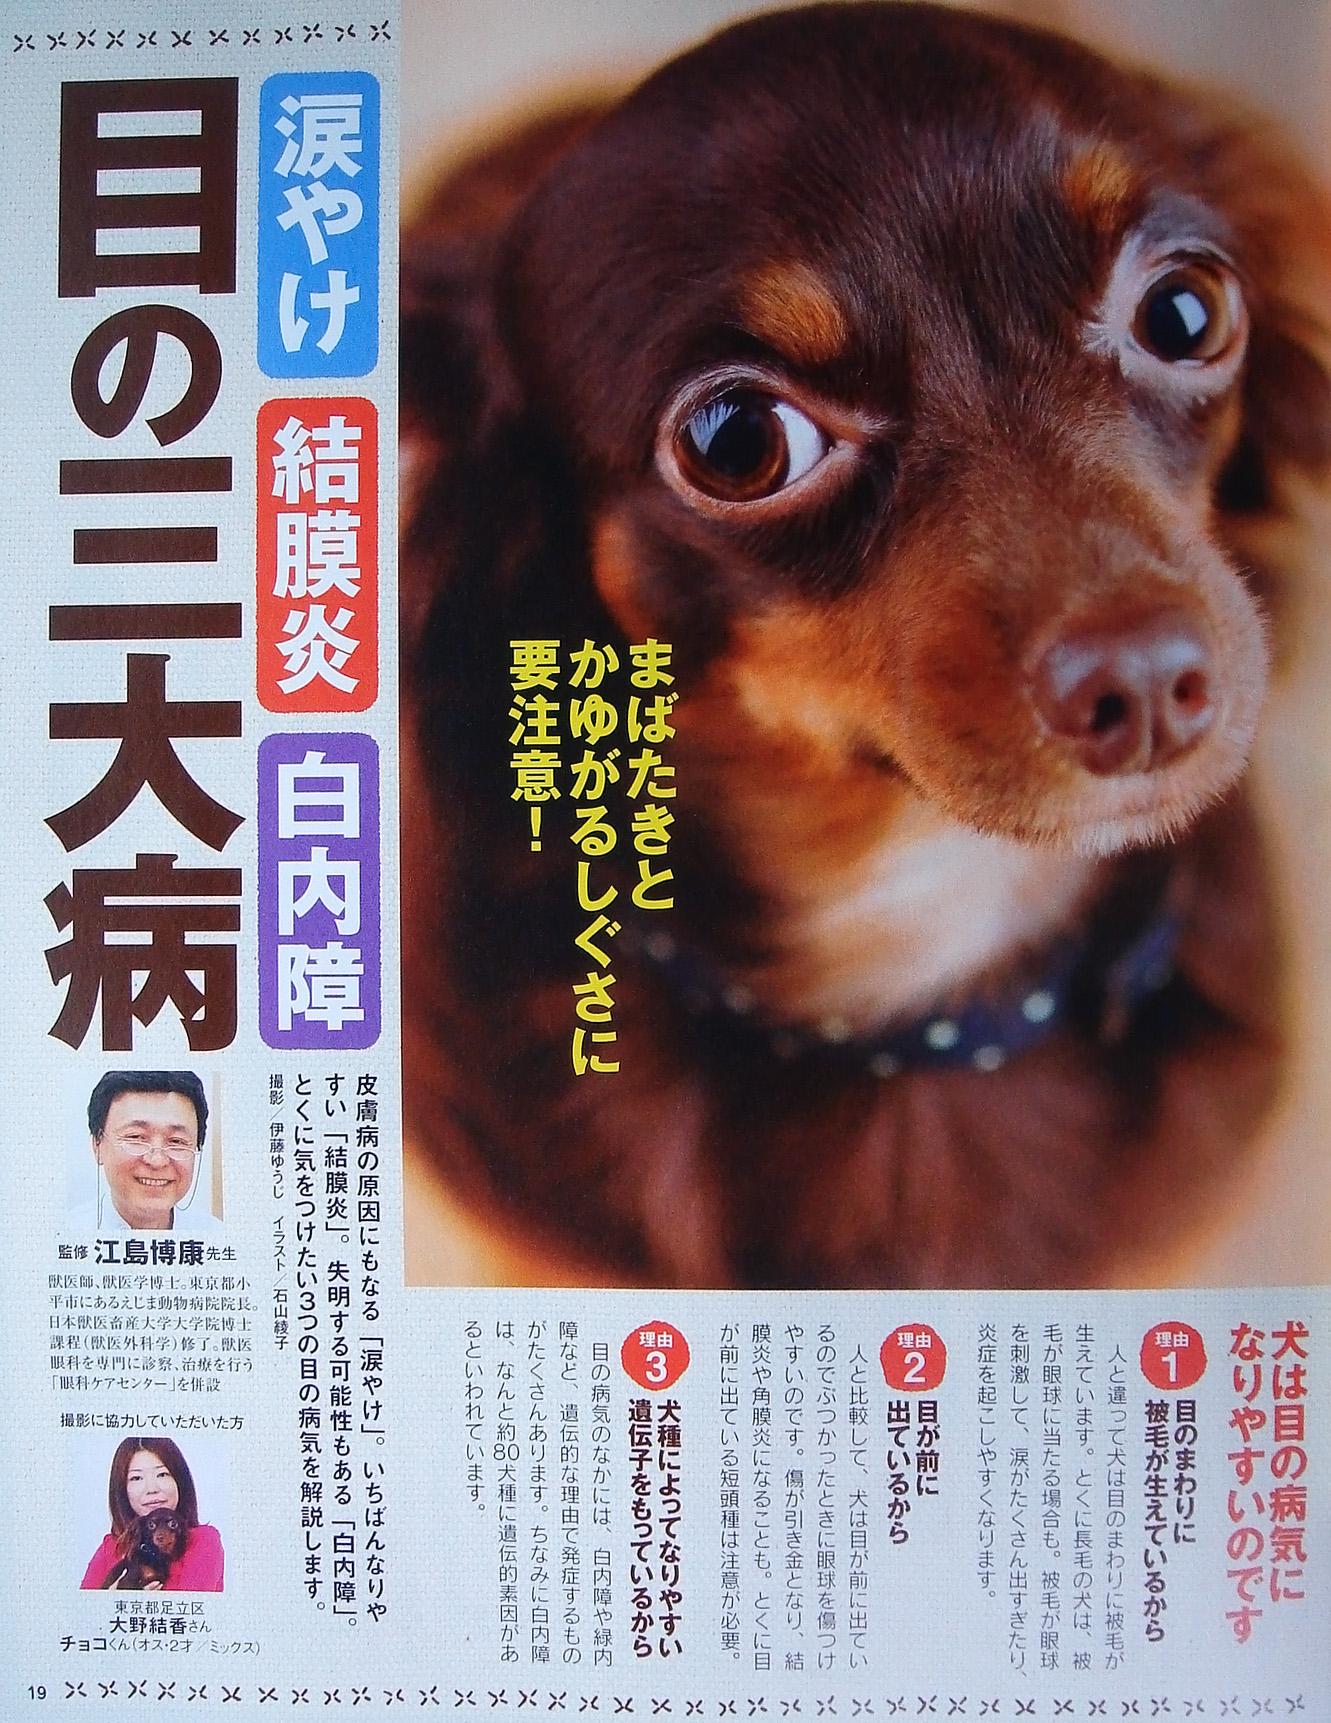 東京ウエスト動物病院 - Blog::2008年04月